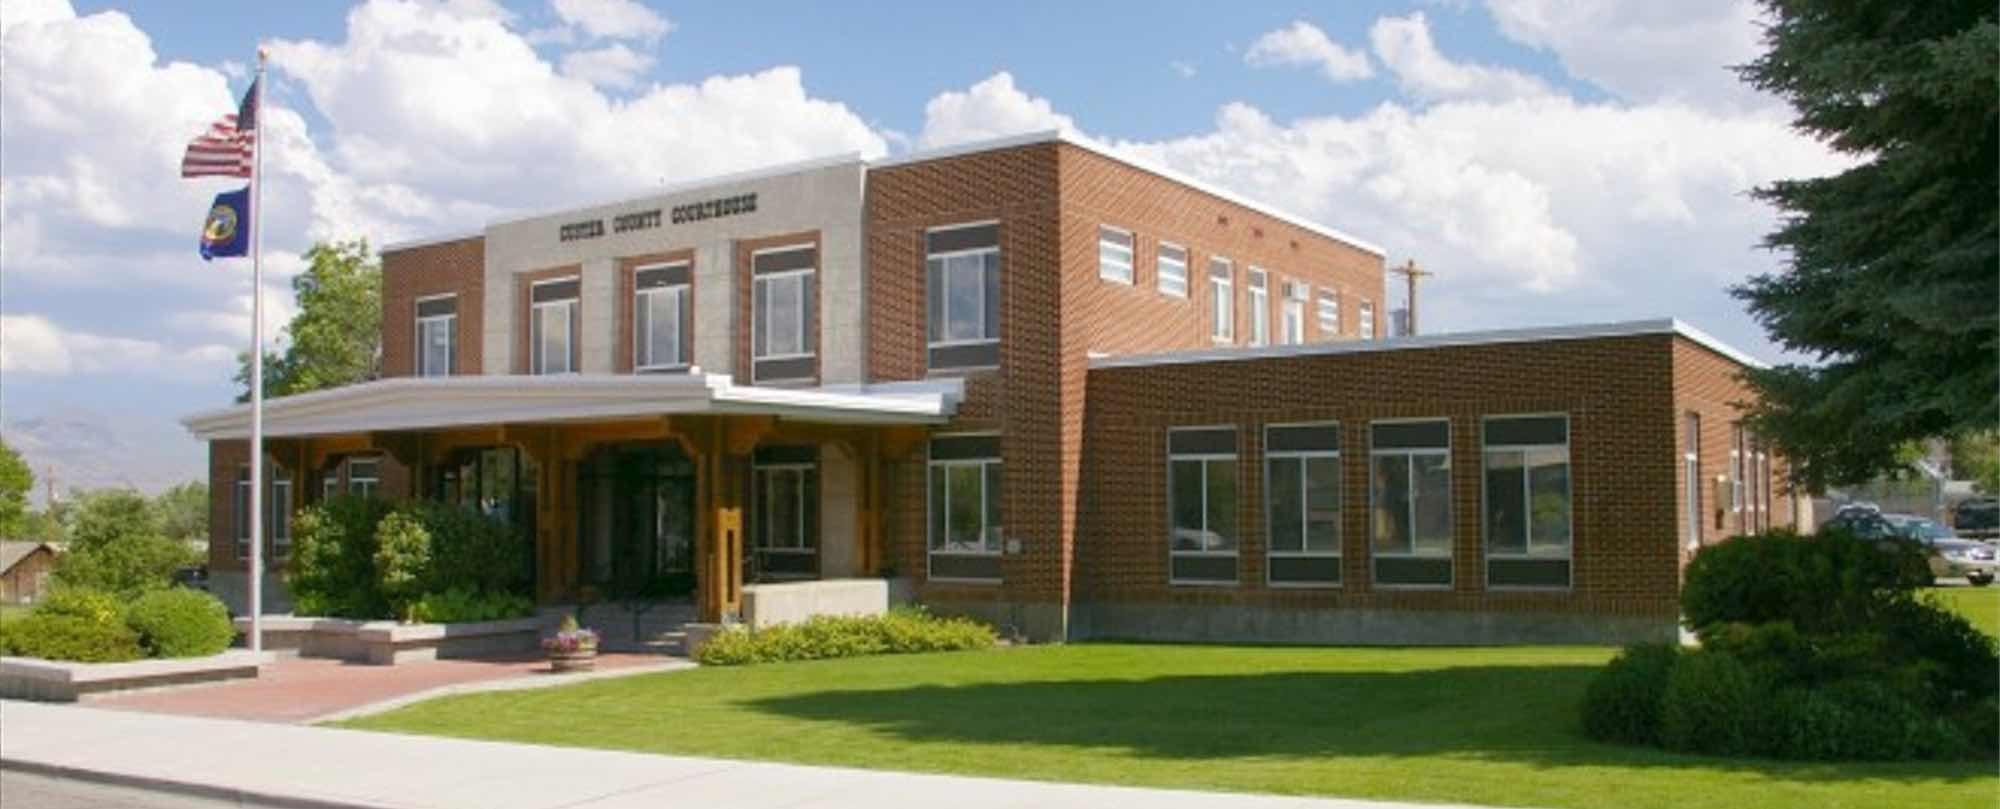 challis-idaho-courthouse-sawtooth-law